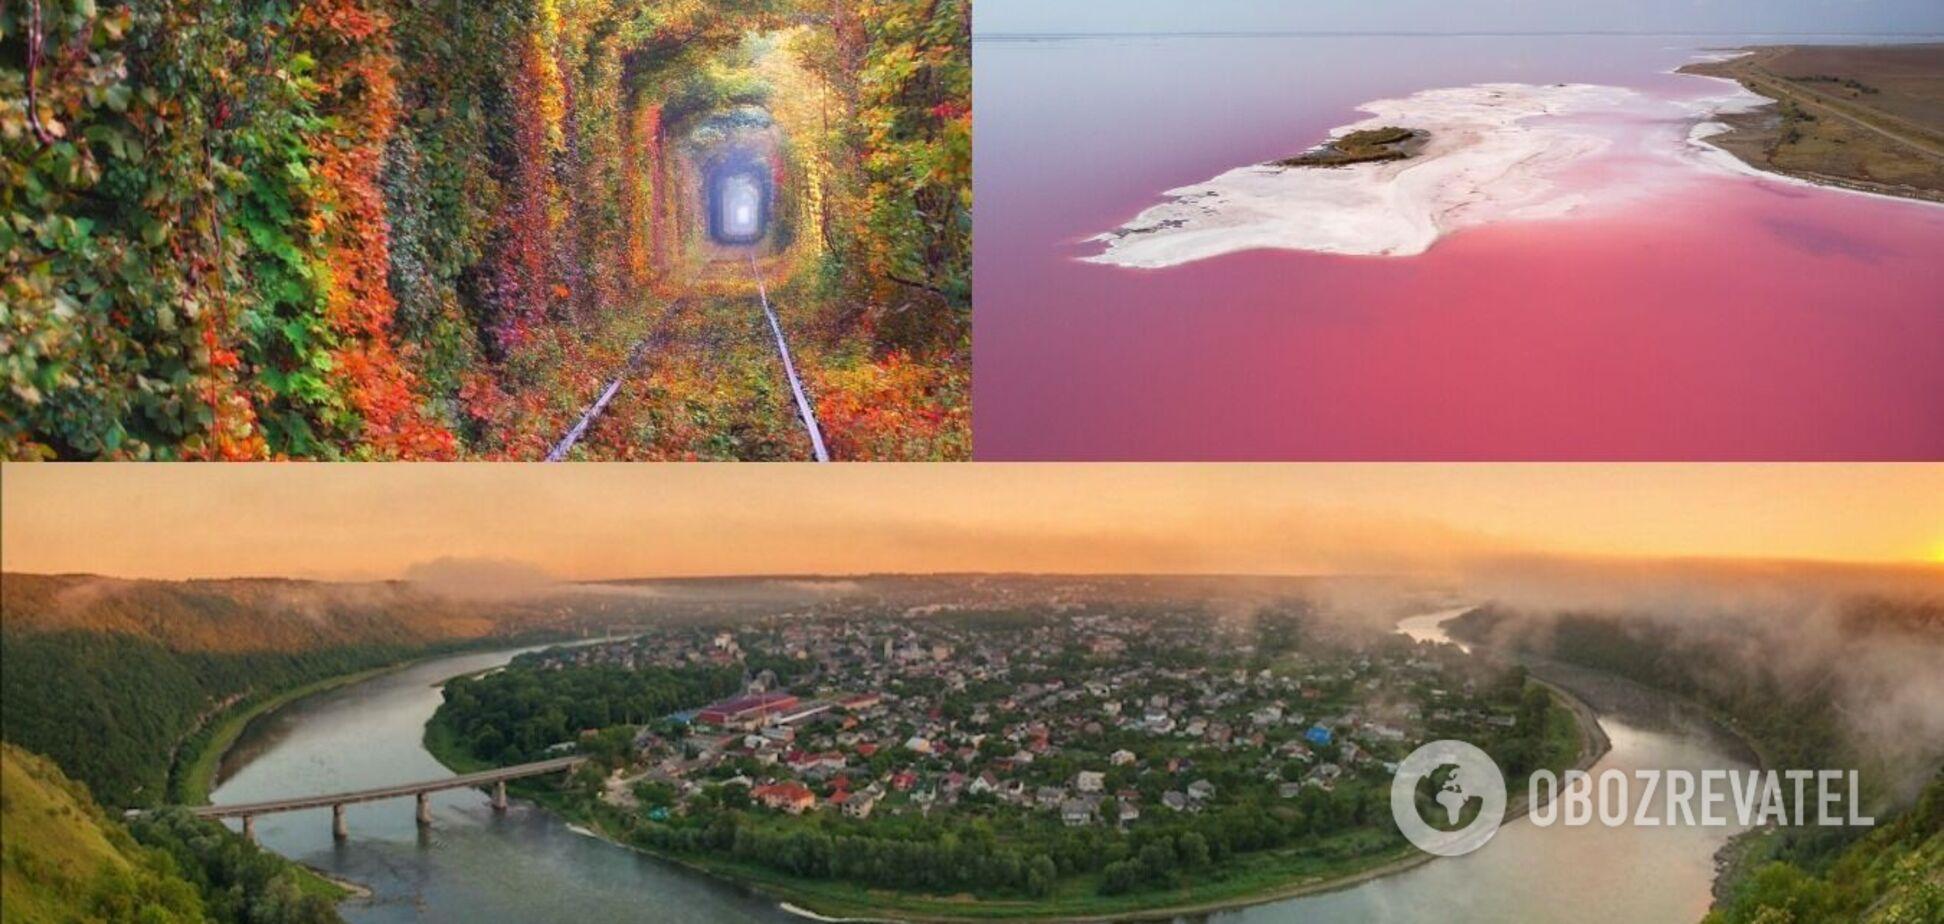 Топ-5 дивовижних місць у передмістях України, на які варто витратити вихідні. Фото і відео